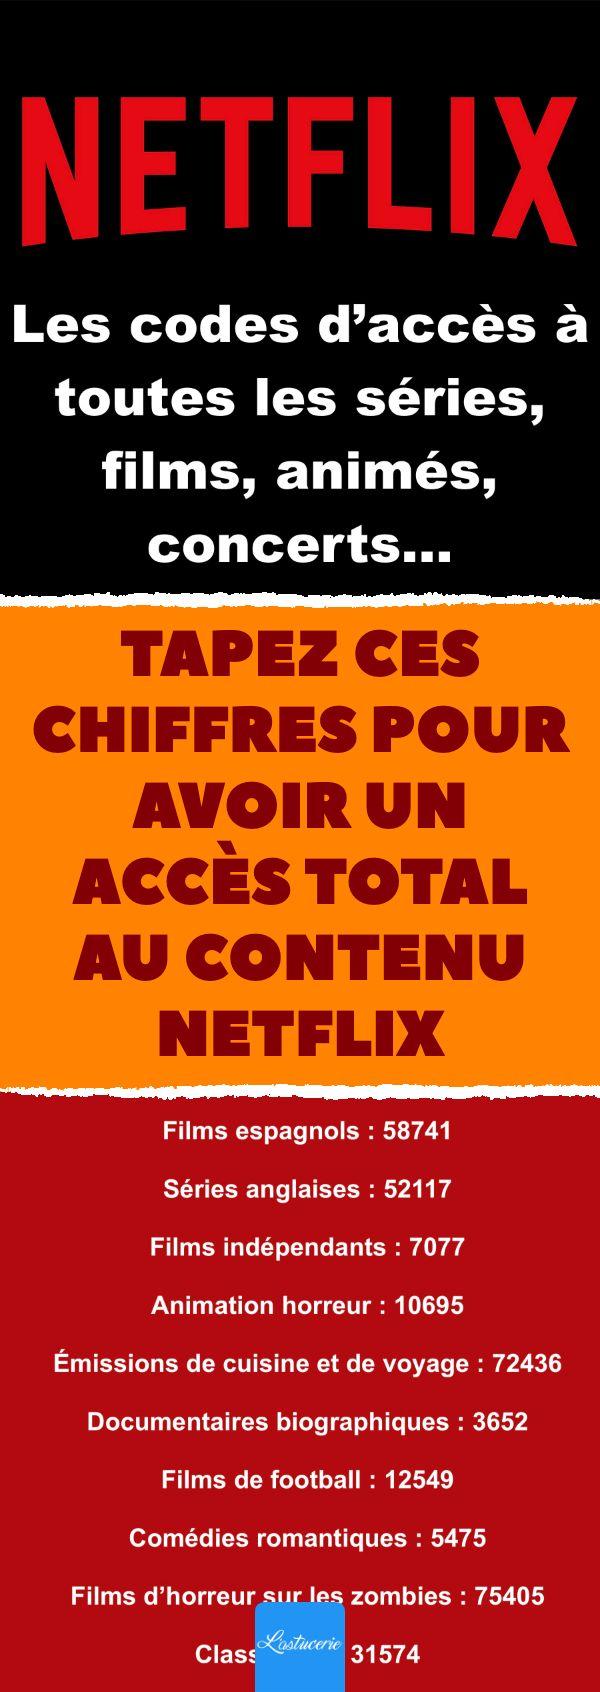 Netflix voici les codes à taper pour accéder aux films